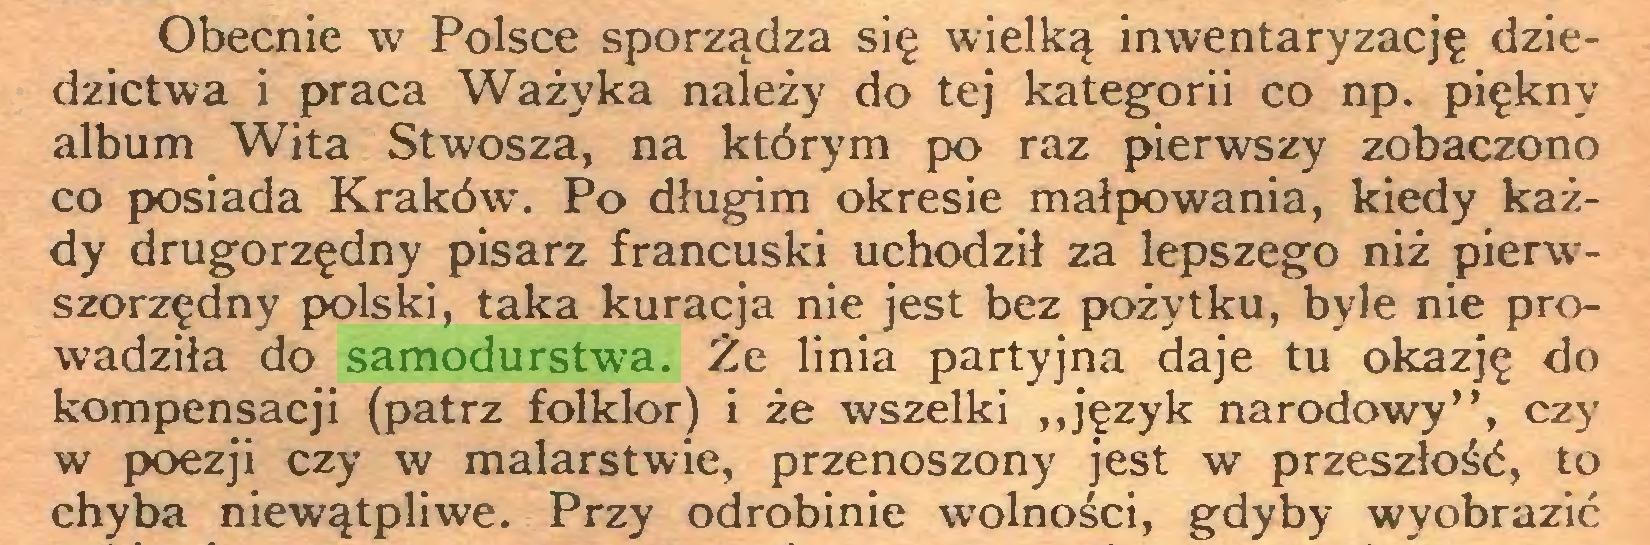 """(...) Obecnie w Polsce sporządza się wielką inwentaryzację dziedzictwa i praca Ważyka należy do tej kategorii co np. piękny album Wita Stwosza, na którym po raz pierwszy zobaczono co posiada Kraków. Po długim okresie małpowania, kiedy każdy drugorzędny pisarz francuski uchodził za lepszego niż pierwszorzędny polski, taka kuracja nie jest bez pożytku, byle nie prowadziła do samodurstwa. Że linia partyjna daje tu okazję do kompensacji (patrz folklor) i że wszelki """"język narodowy"""", czy w poezji czy w malarstwie, przenoszony jest w przeszłość, to chyba niewątpliwe. Przy odrobinie wolności, gdyby wyobrazić..."""